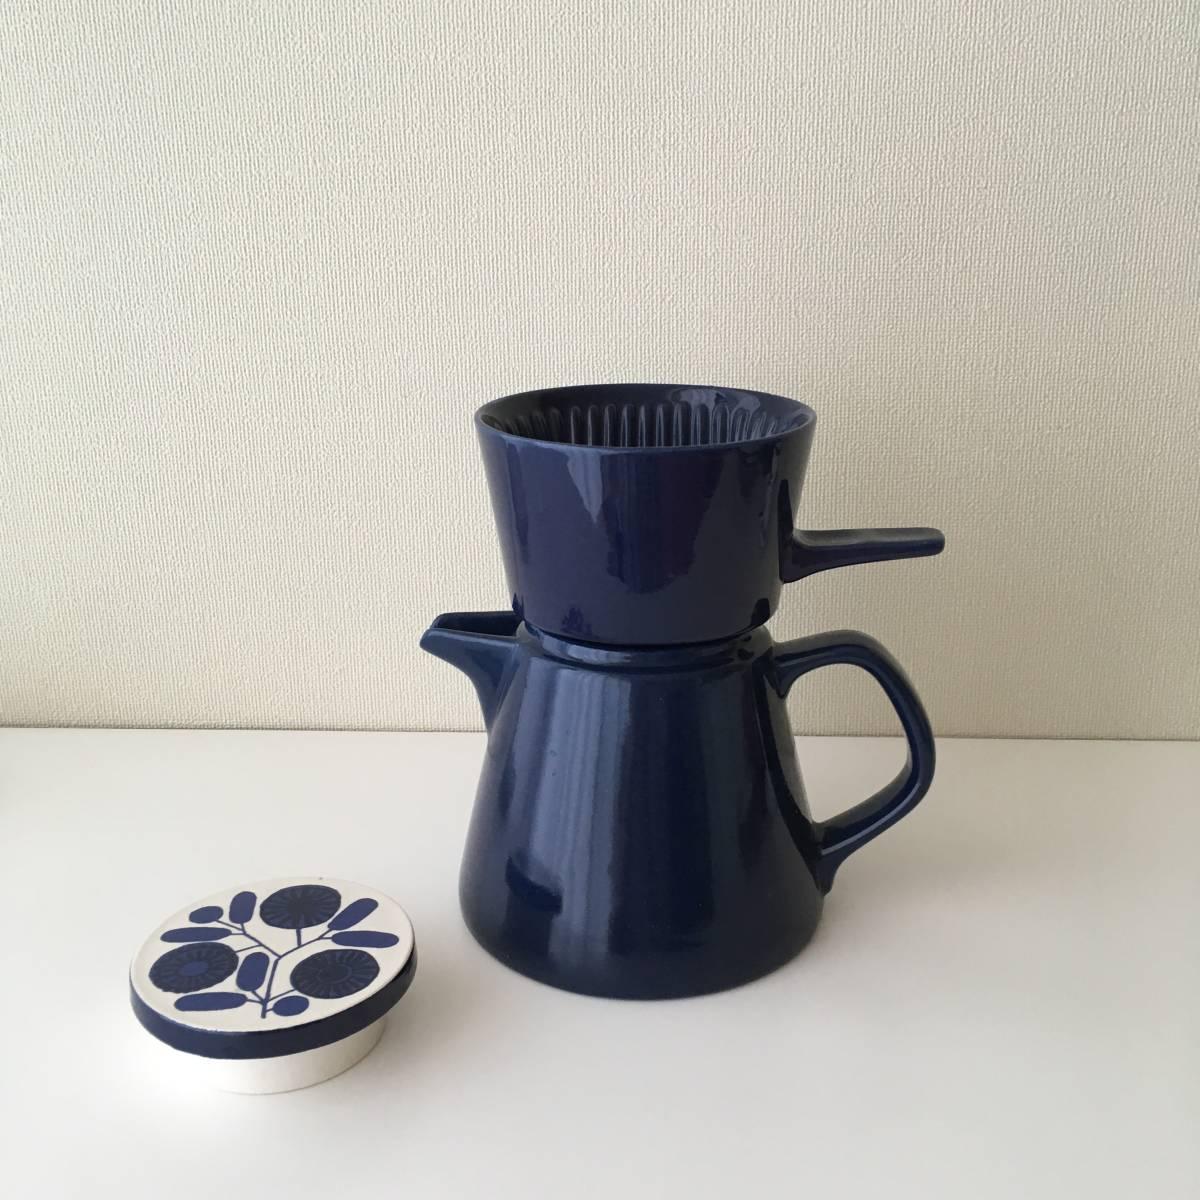 北欧ヴィンテージ ビンテージ 北欧雑貨 コーヒーポット フィルター 陶器製